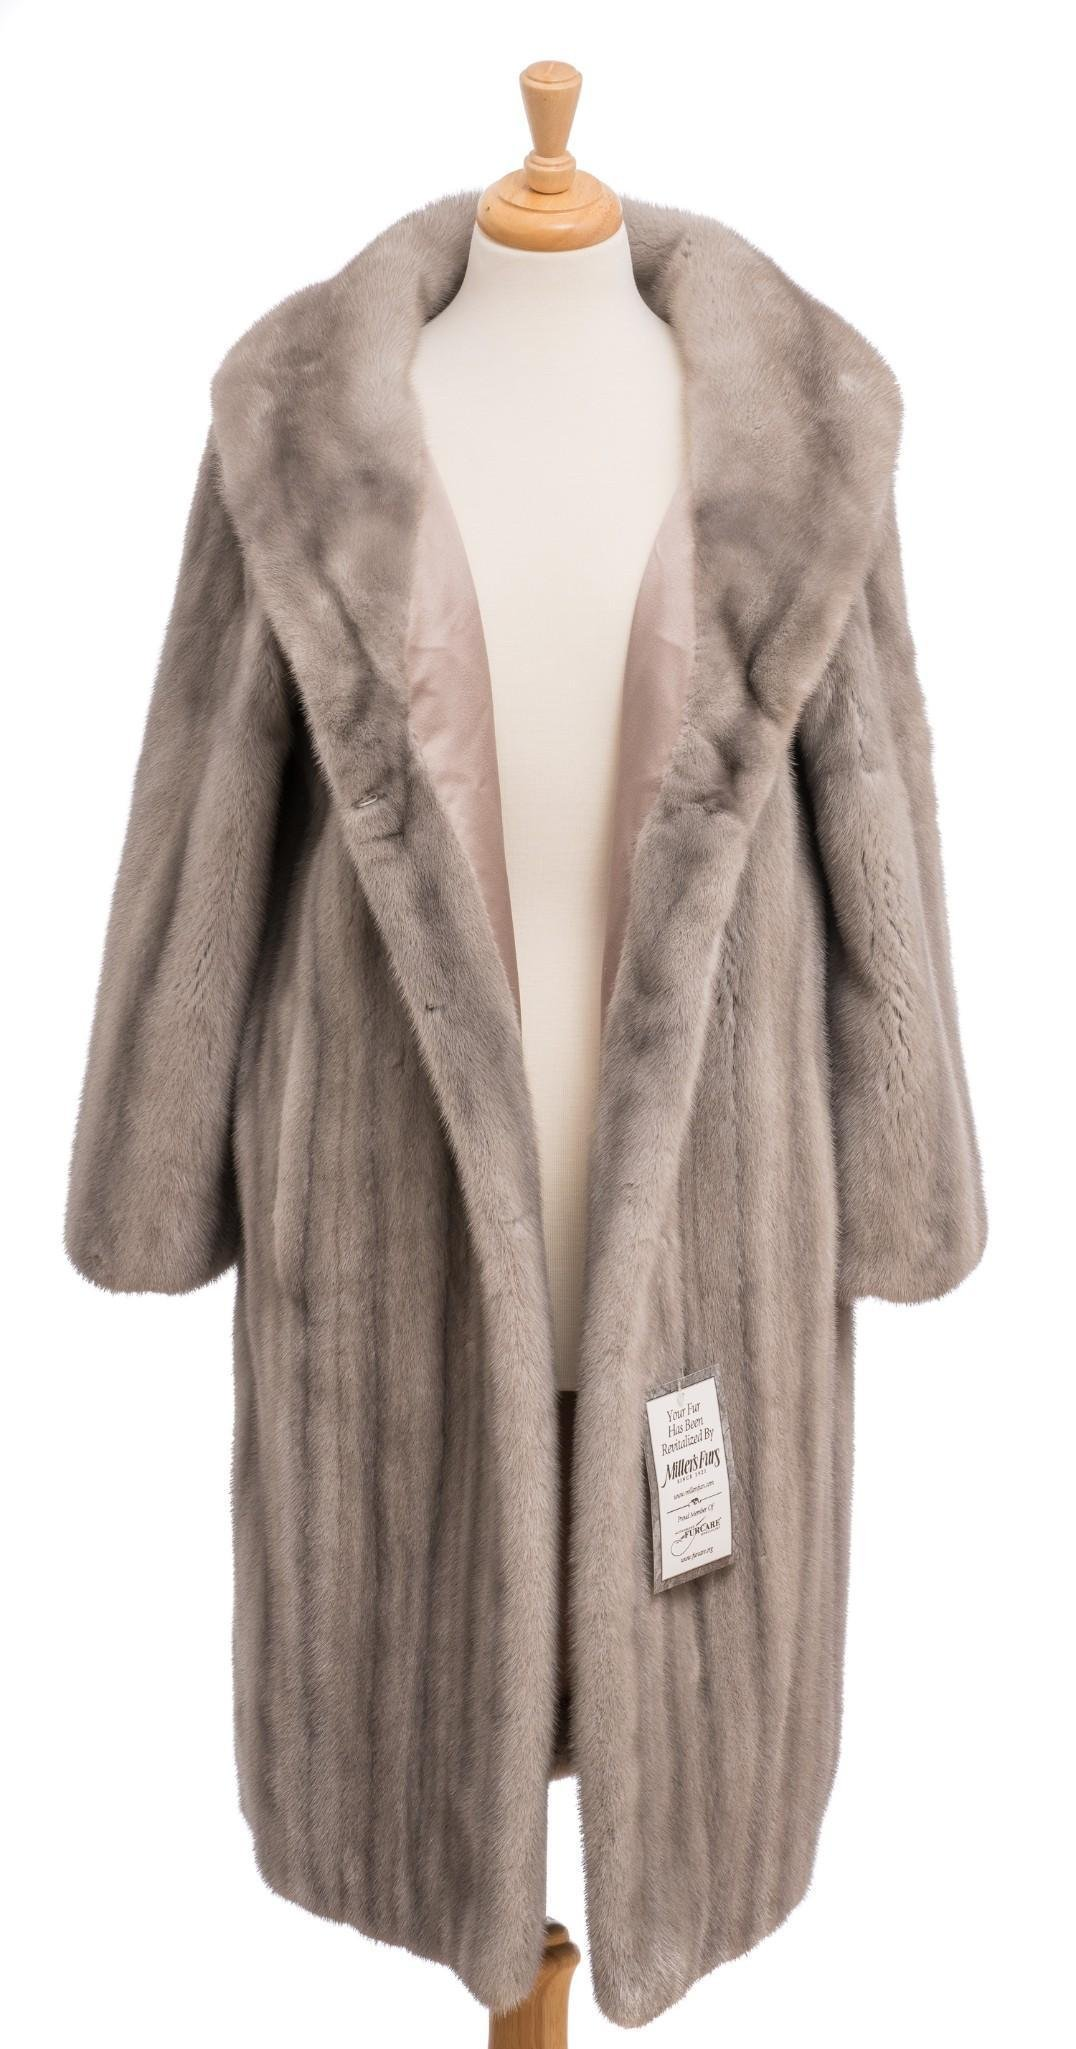 Christian Dior Boutique Paris Mink Coat